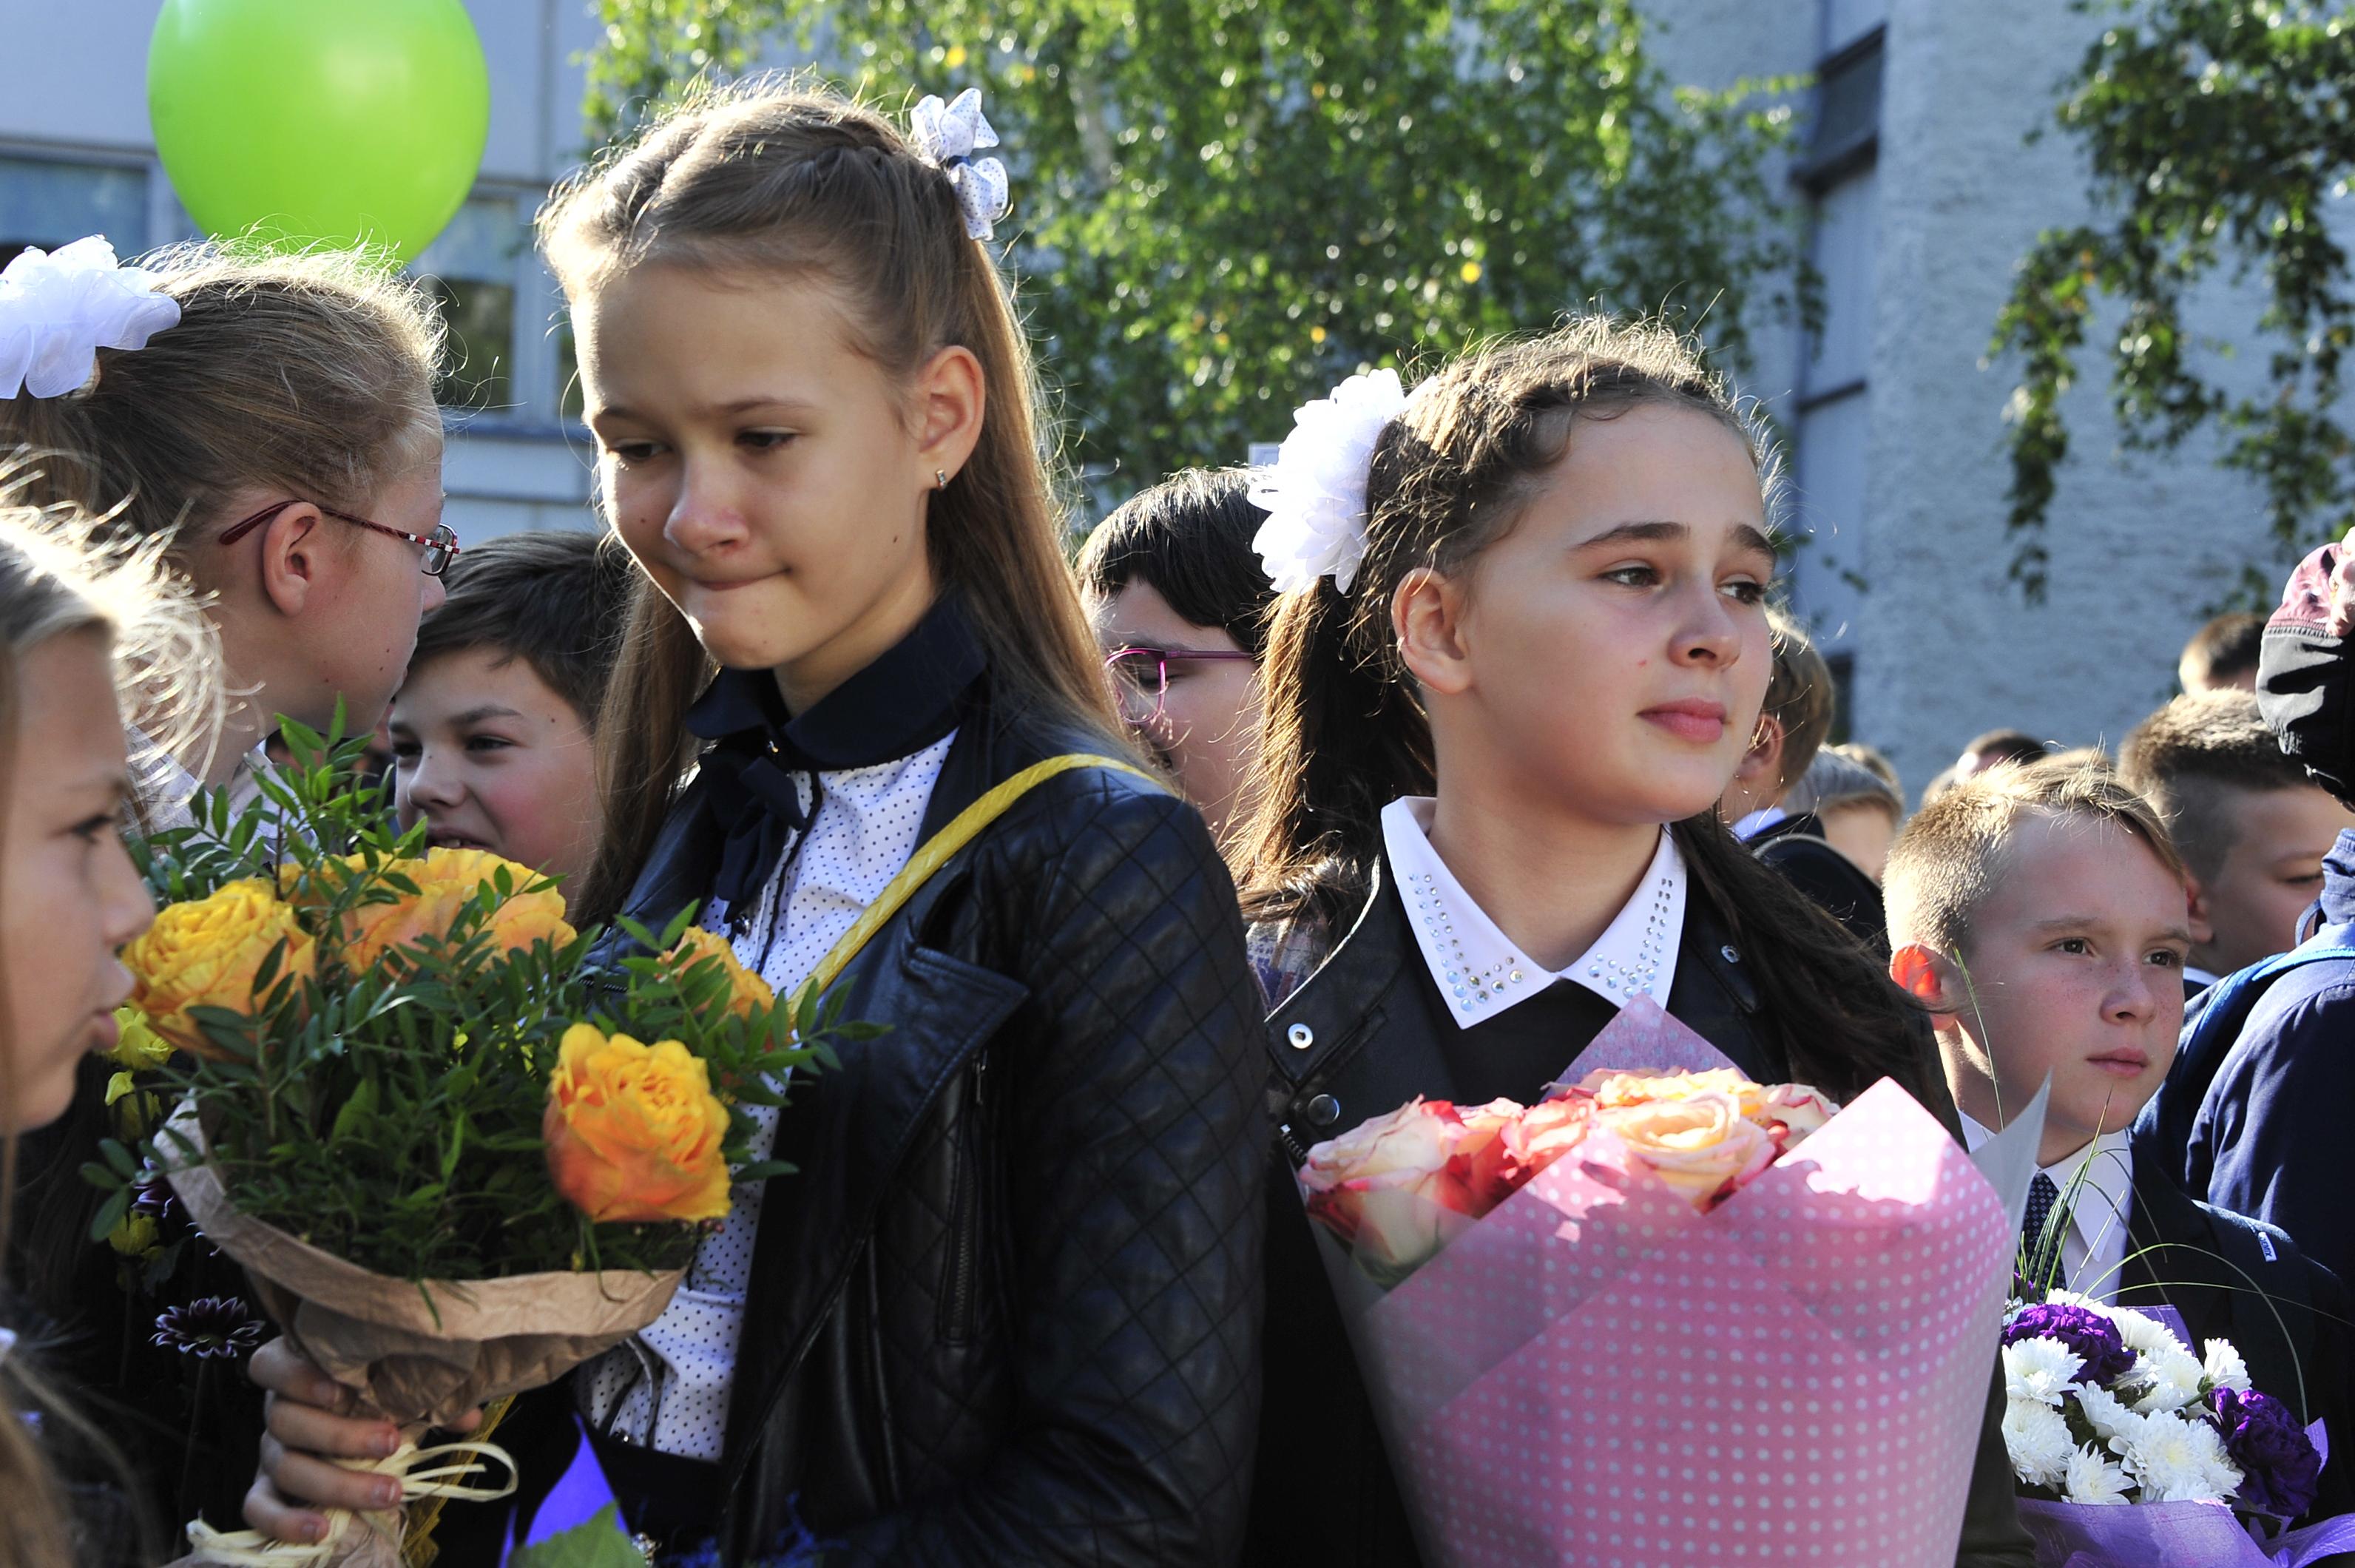 1 сентября 2017 года. Вероника Белоусова и Маша Самойлова на торжественной линейке в гимназии № 1158. Фото: Пелагия Замятина